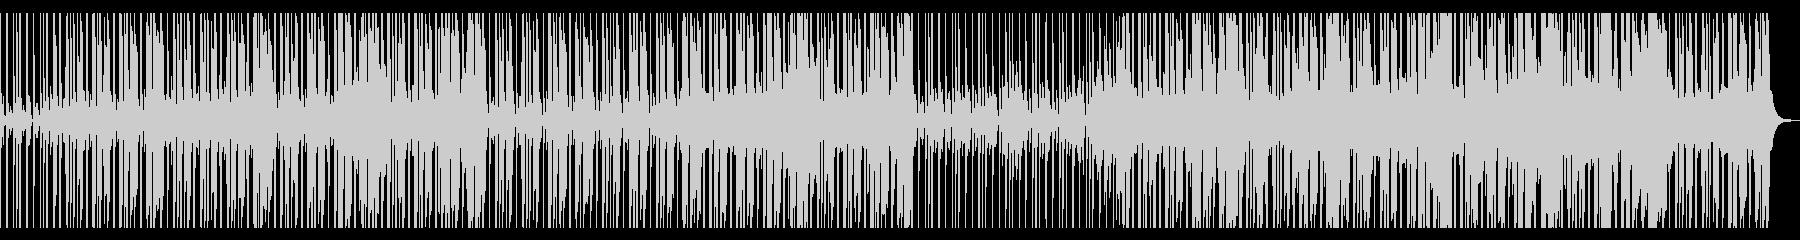 【短いVer2】スローファンクロックの未再生の波形